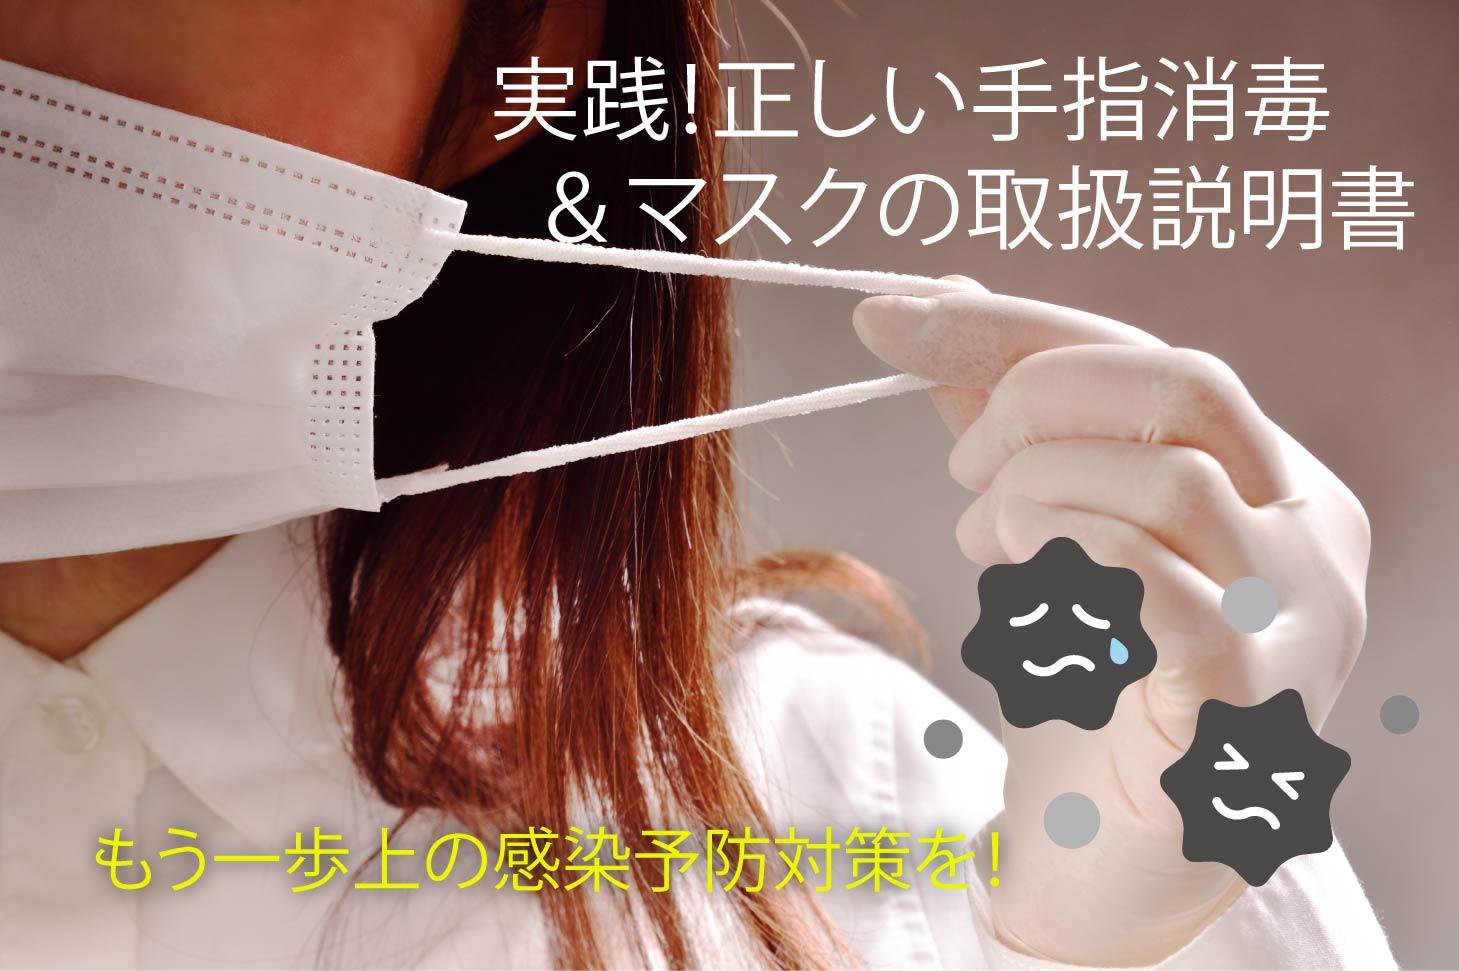 実践!正しい手指消毒&マスクの取扱説明書♢もう一歩上の感染予防対策を!